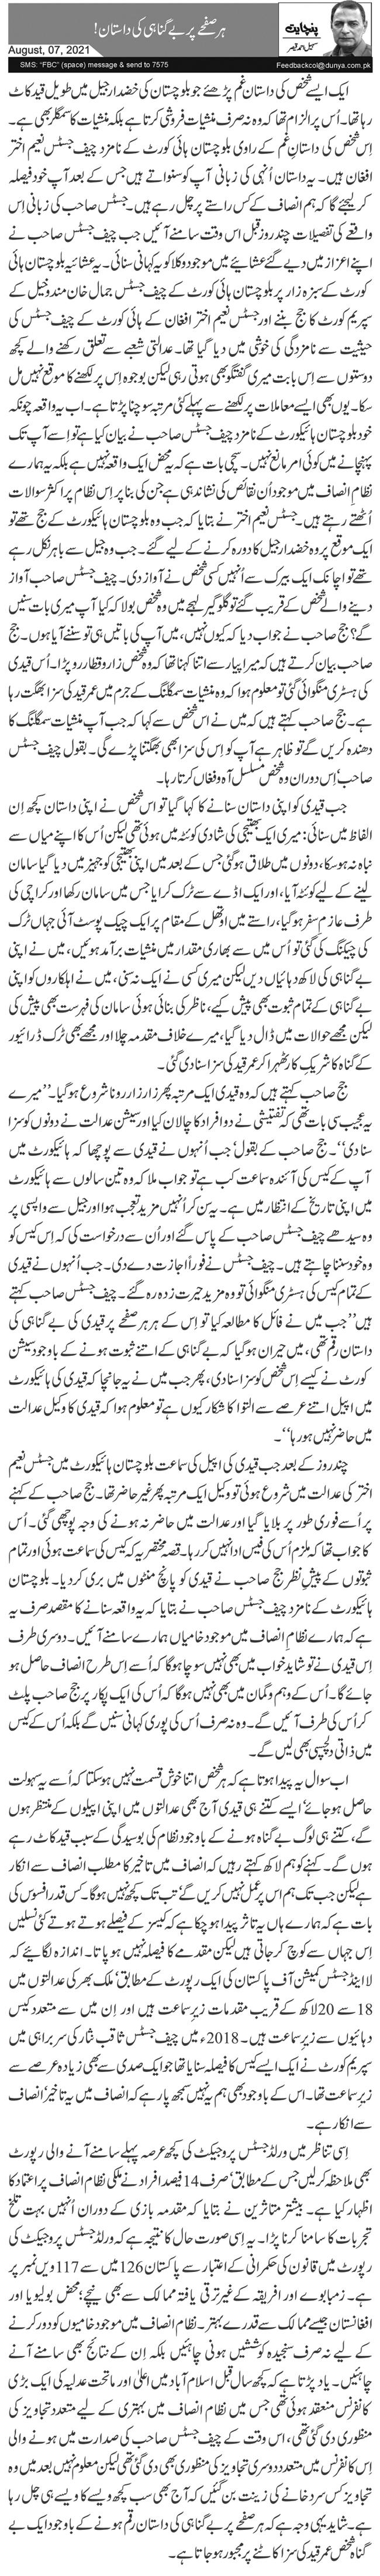 ہرصفحے پر بے گناہی کی داستان!